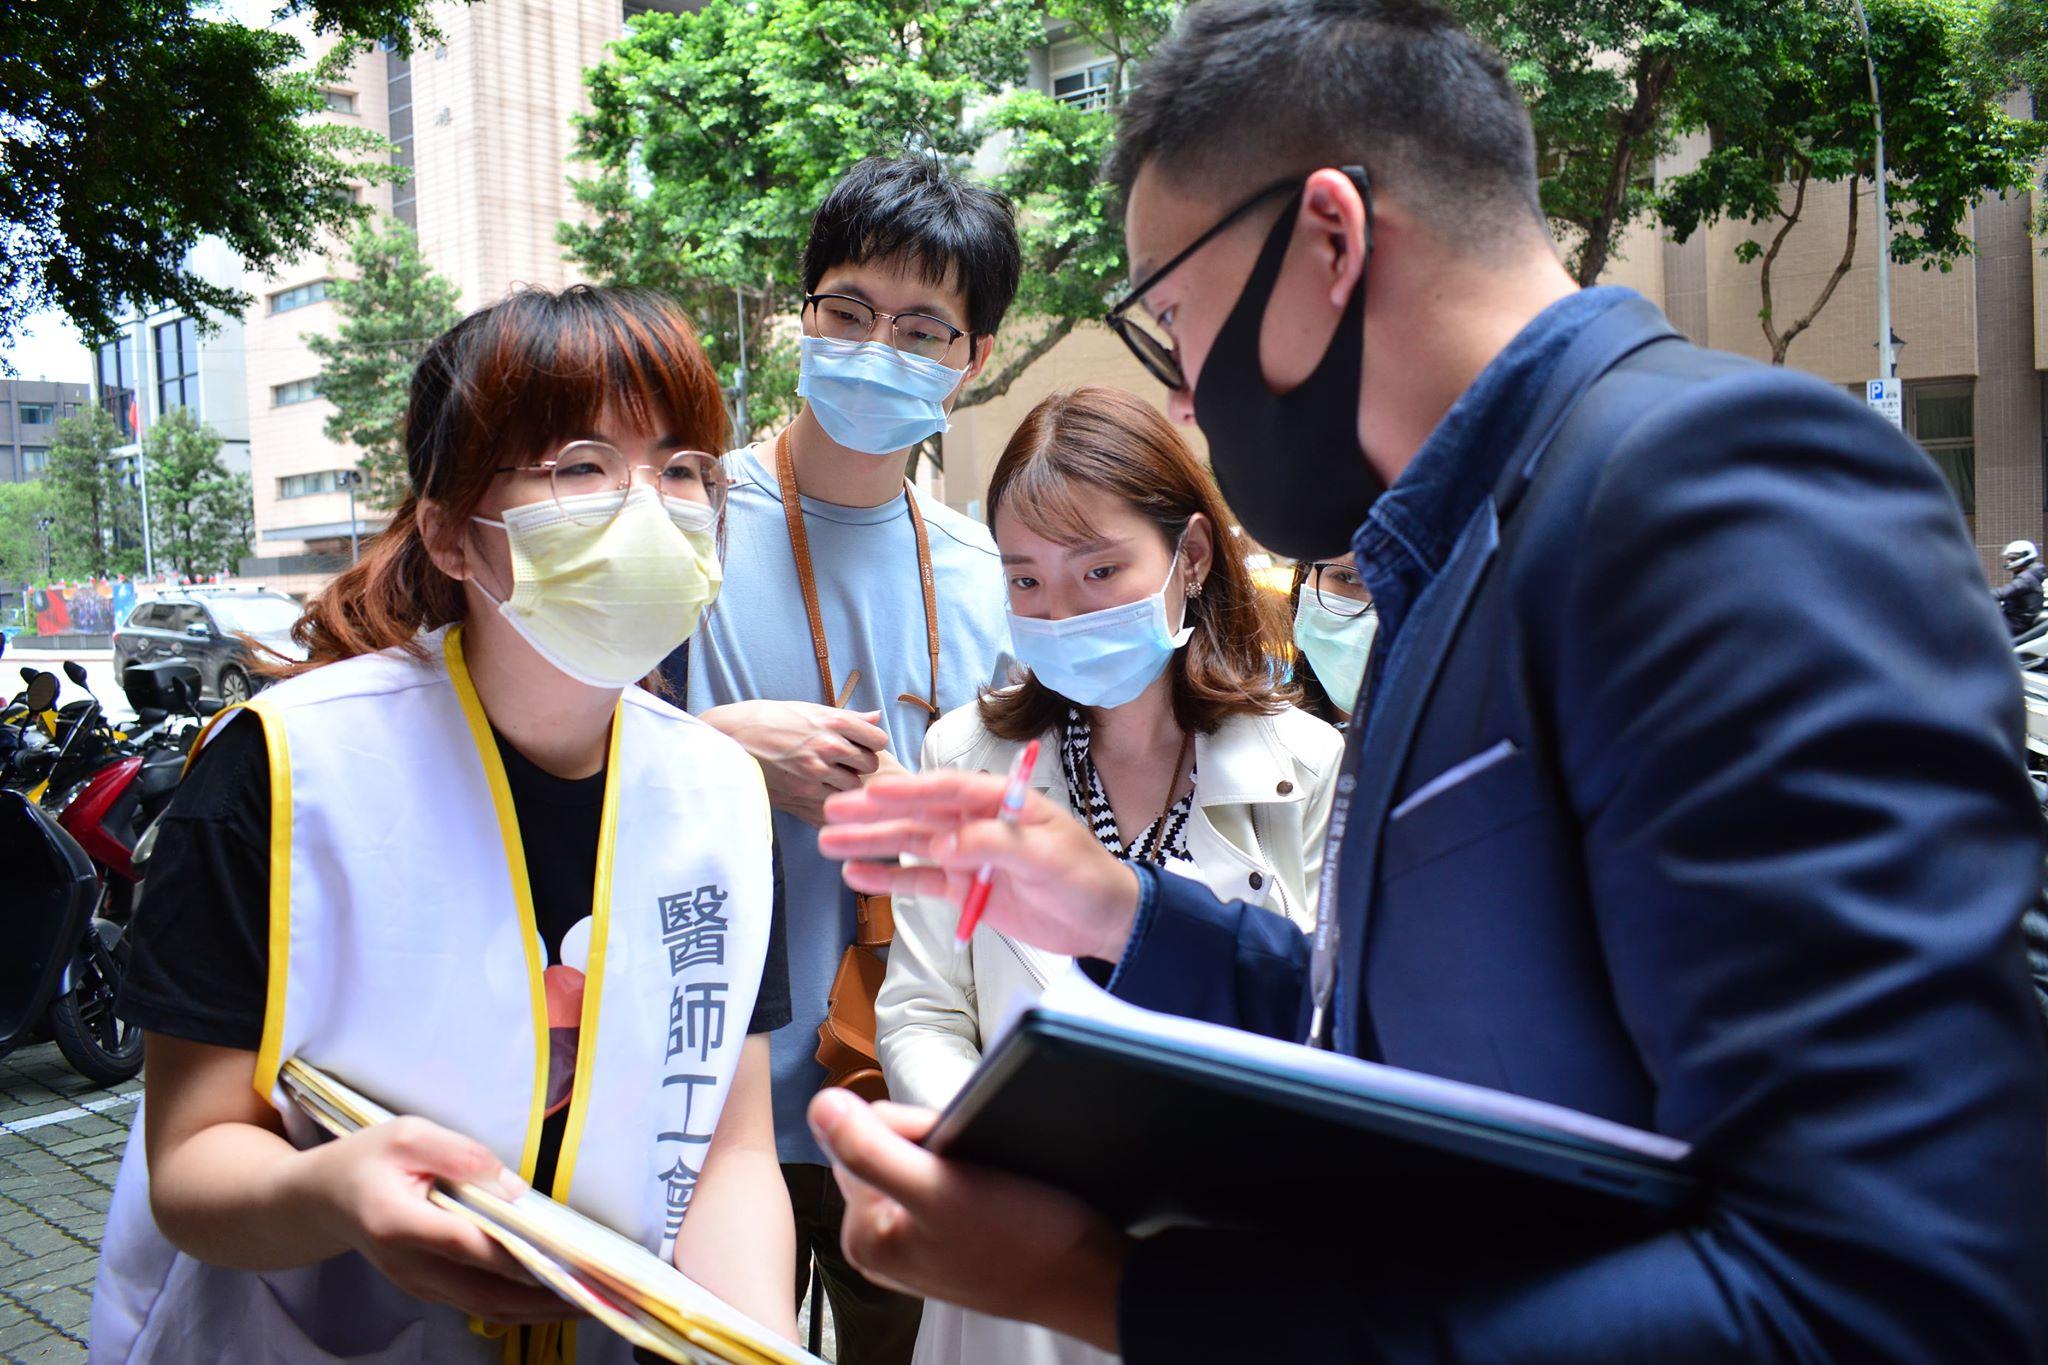 臺北醫師職業工會:台灣的防疫成果是建立在醫療人員的血汗上嗎?